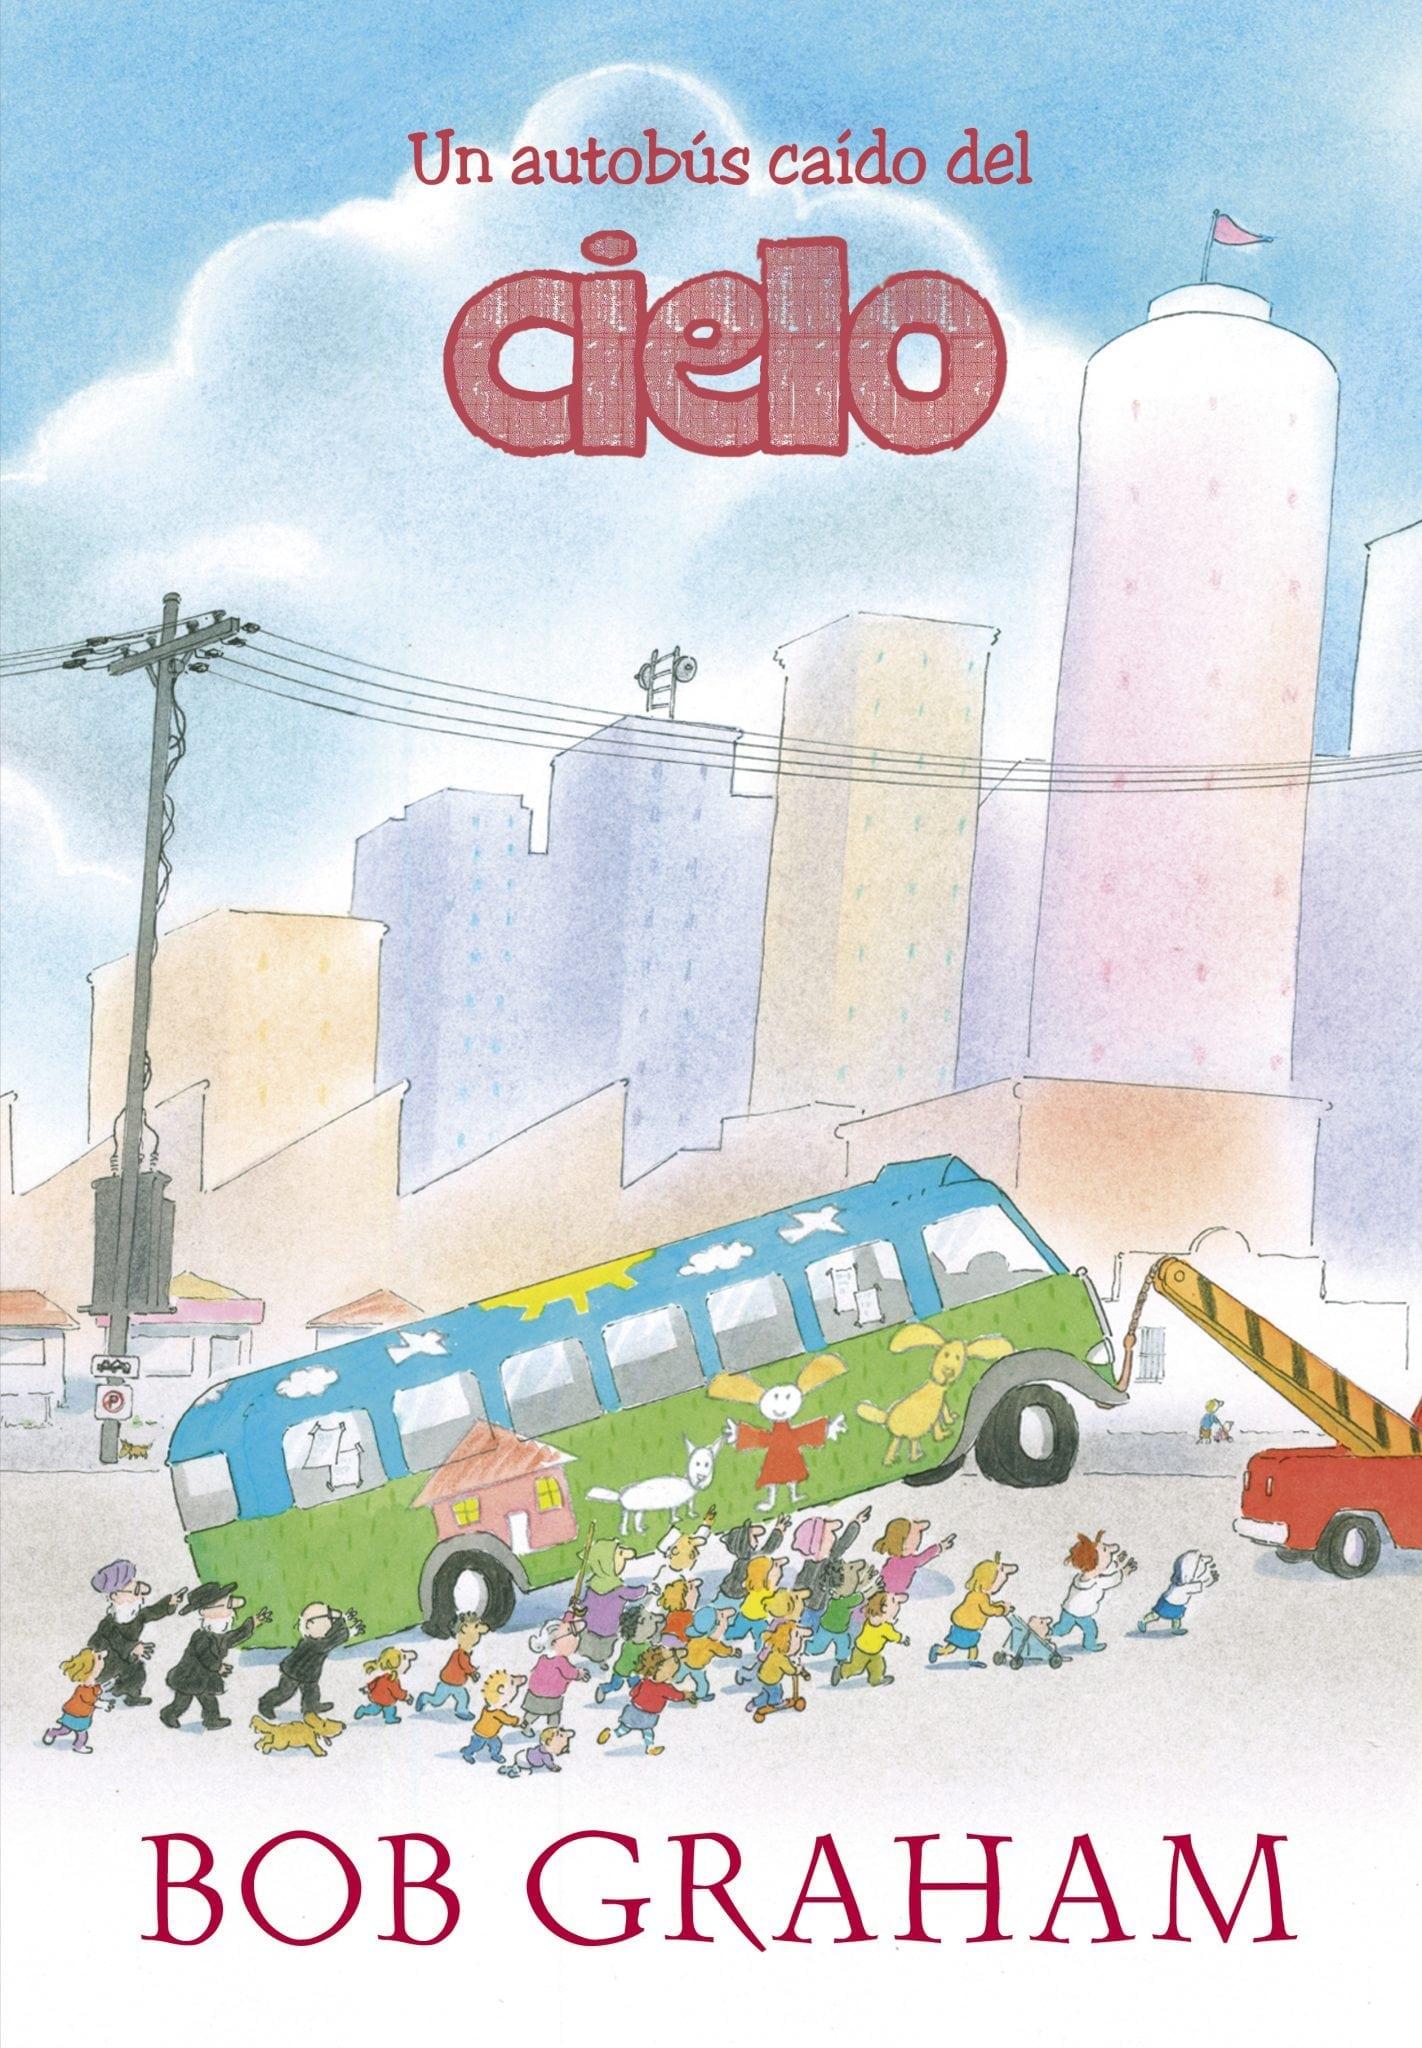 Un libro sobre la tolerancia y la lucha por unos principios. ¿De verdad puede conseguir un autobús destartalado que todo un vecindario se ponga de acuerdo? ¡Sí! Esta es la historia de un autobús caído del cielo.